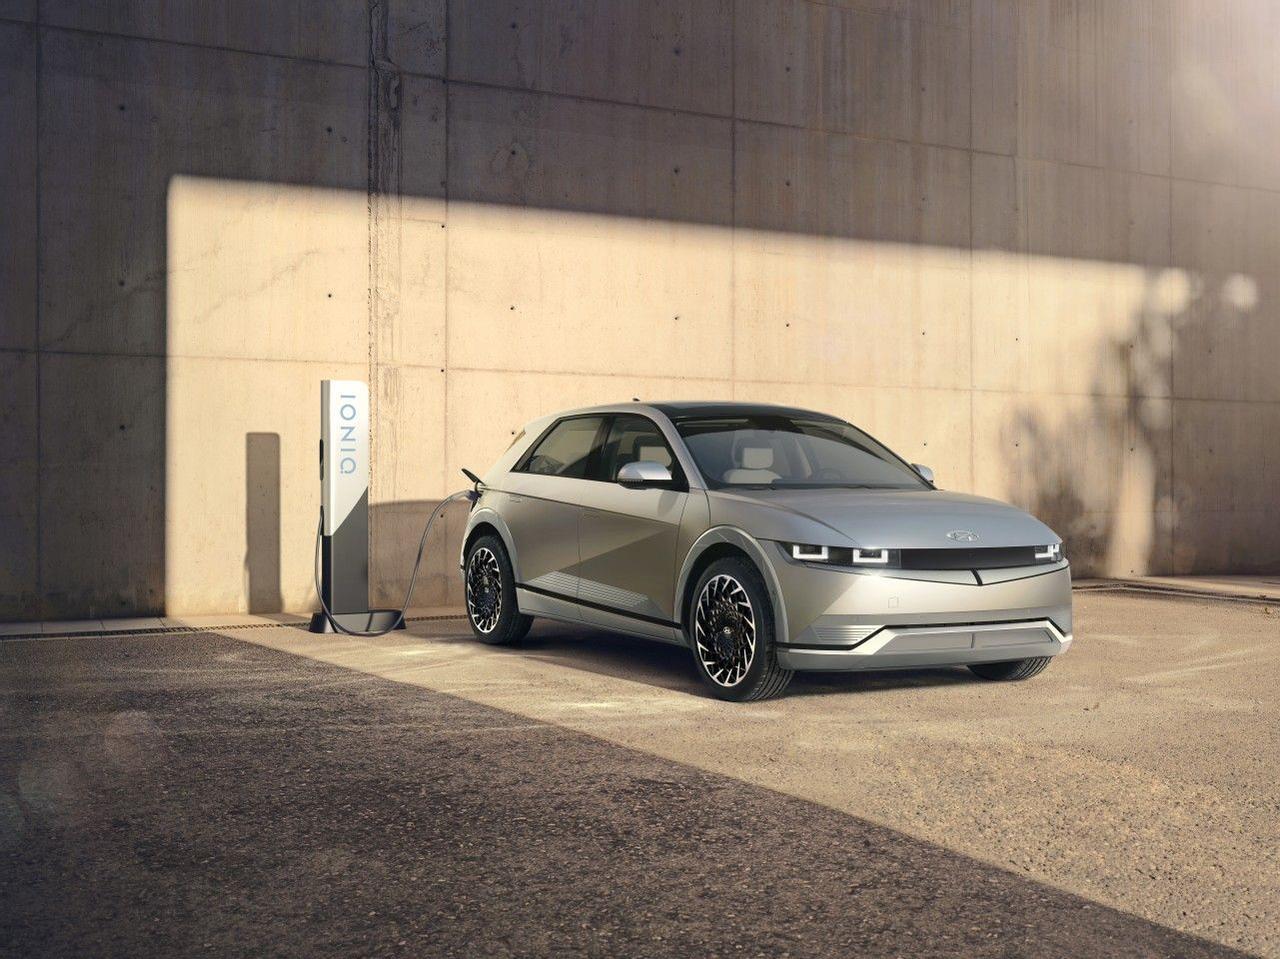 Hyundai официально представил флагманский электромобиль Ioniq 5, со сверхбыстрой зарядкой и запасом хода 475 км